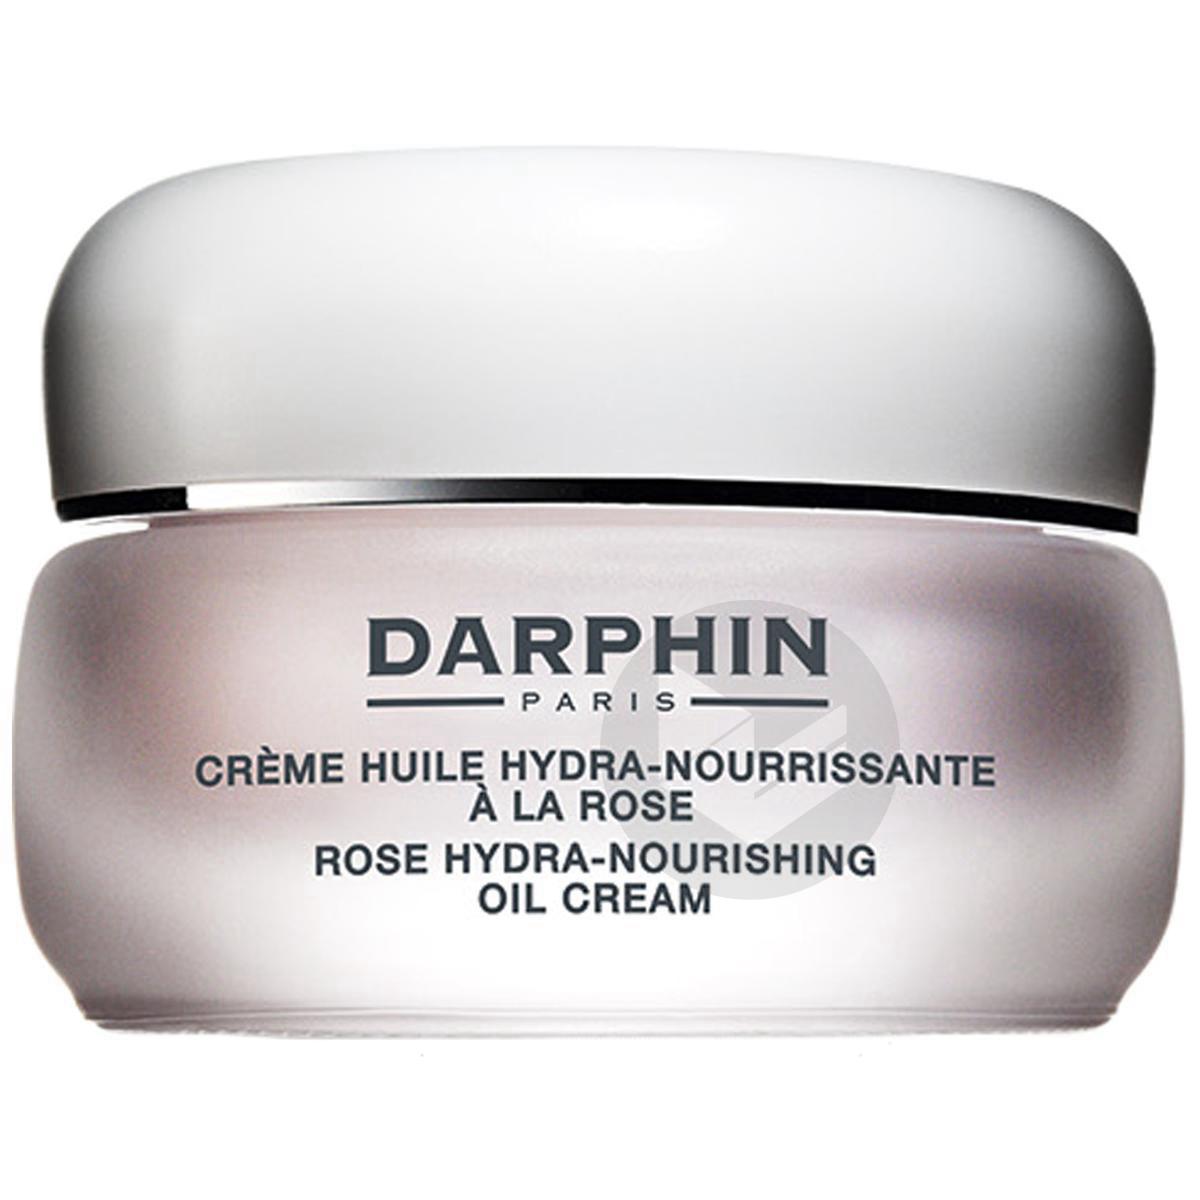 Crème Huile Hydra-Nourrissante à la Rose 50ml